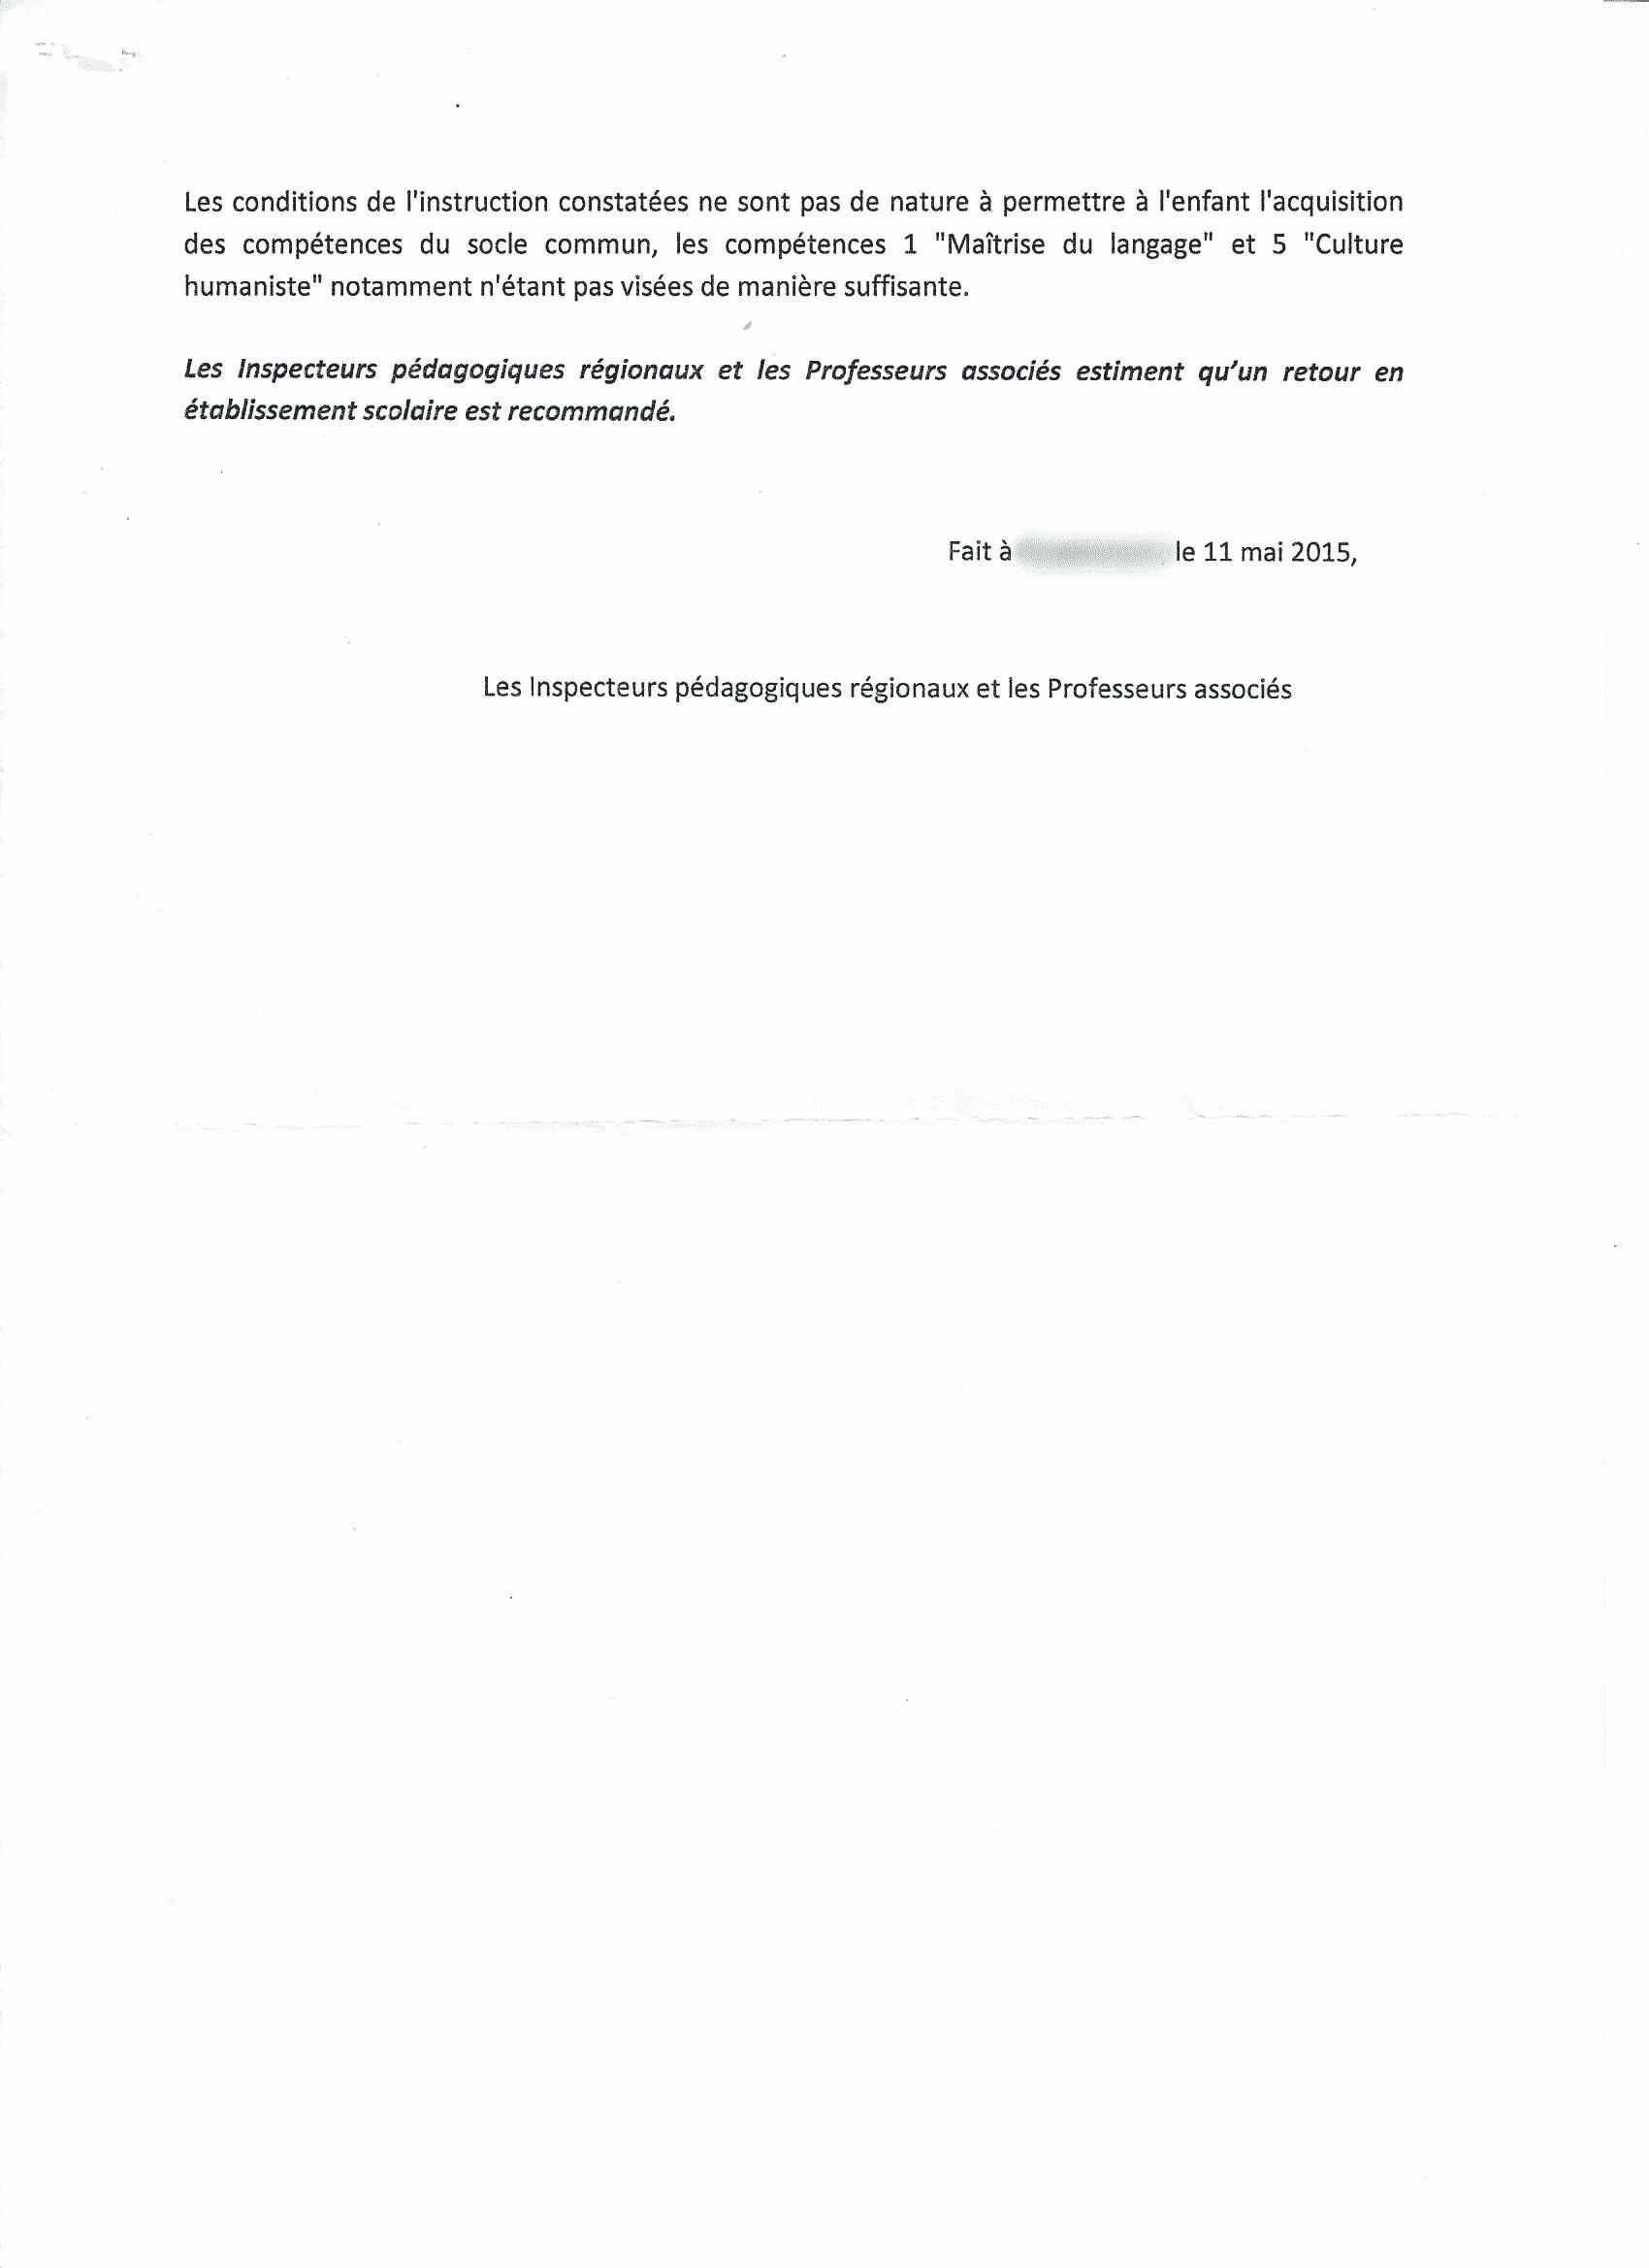 rapport IEF de l'inspection académique